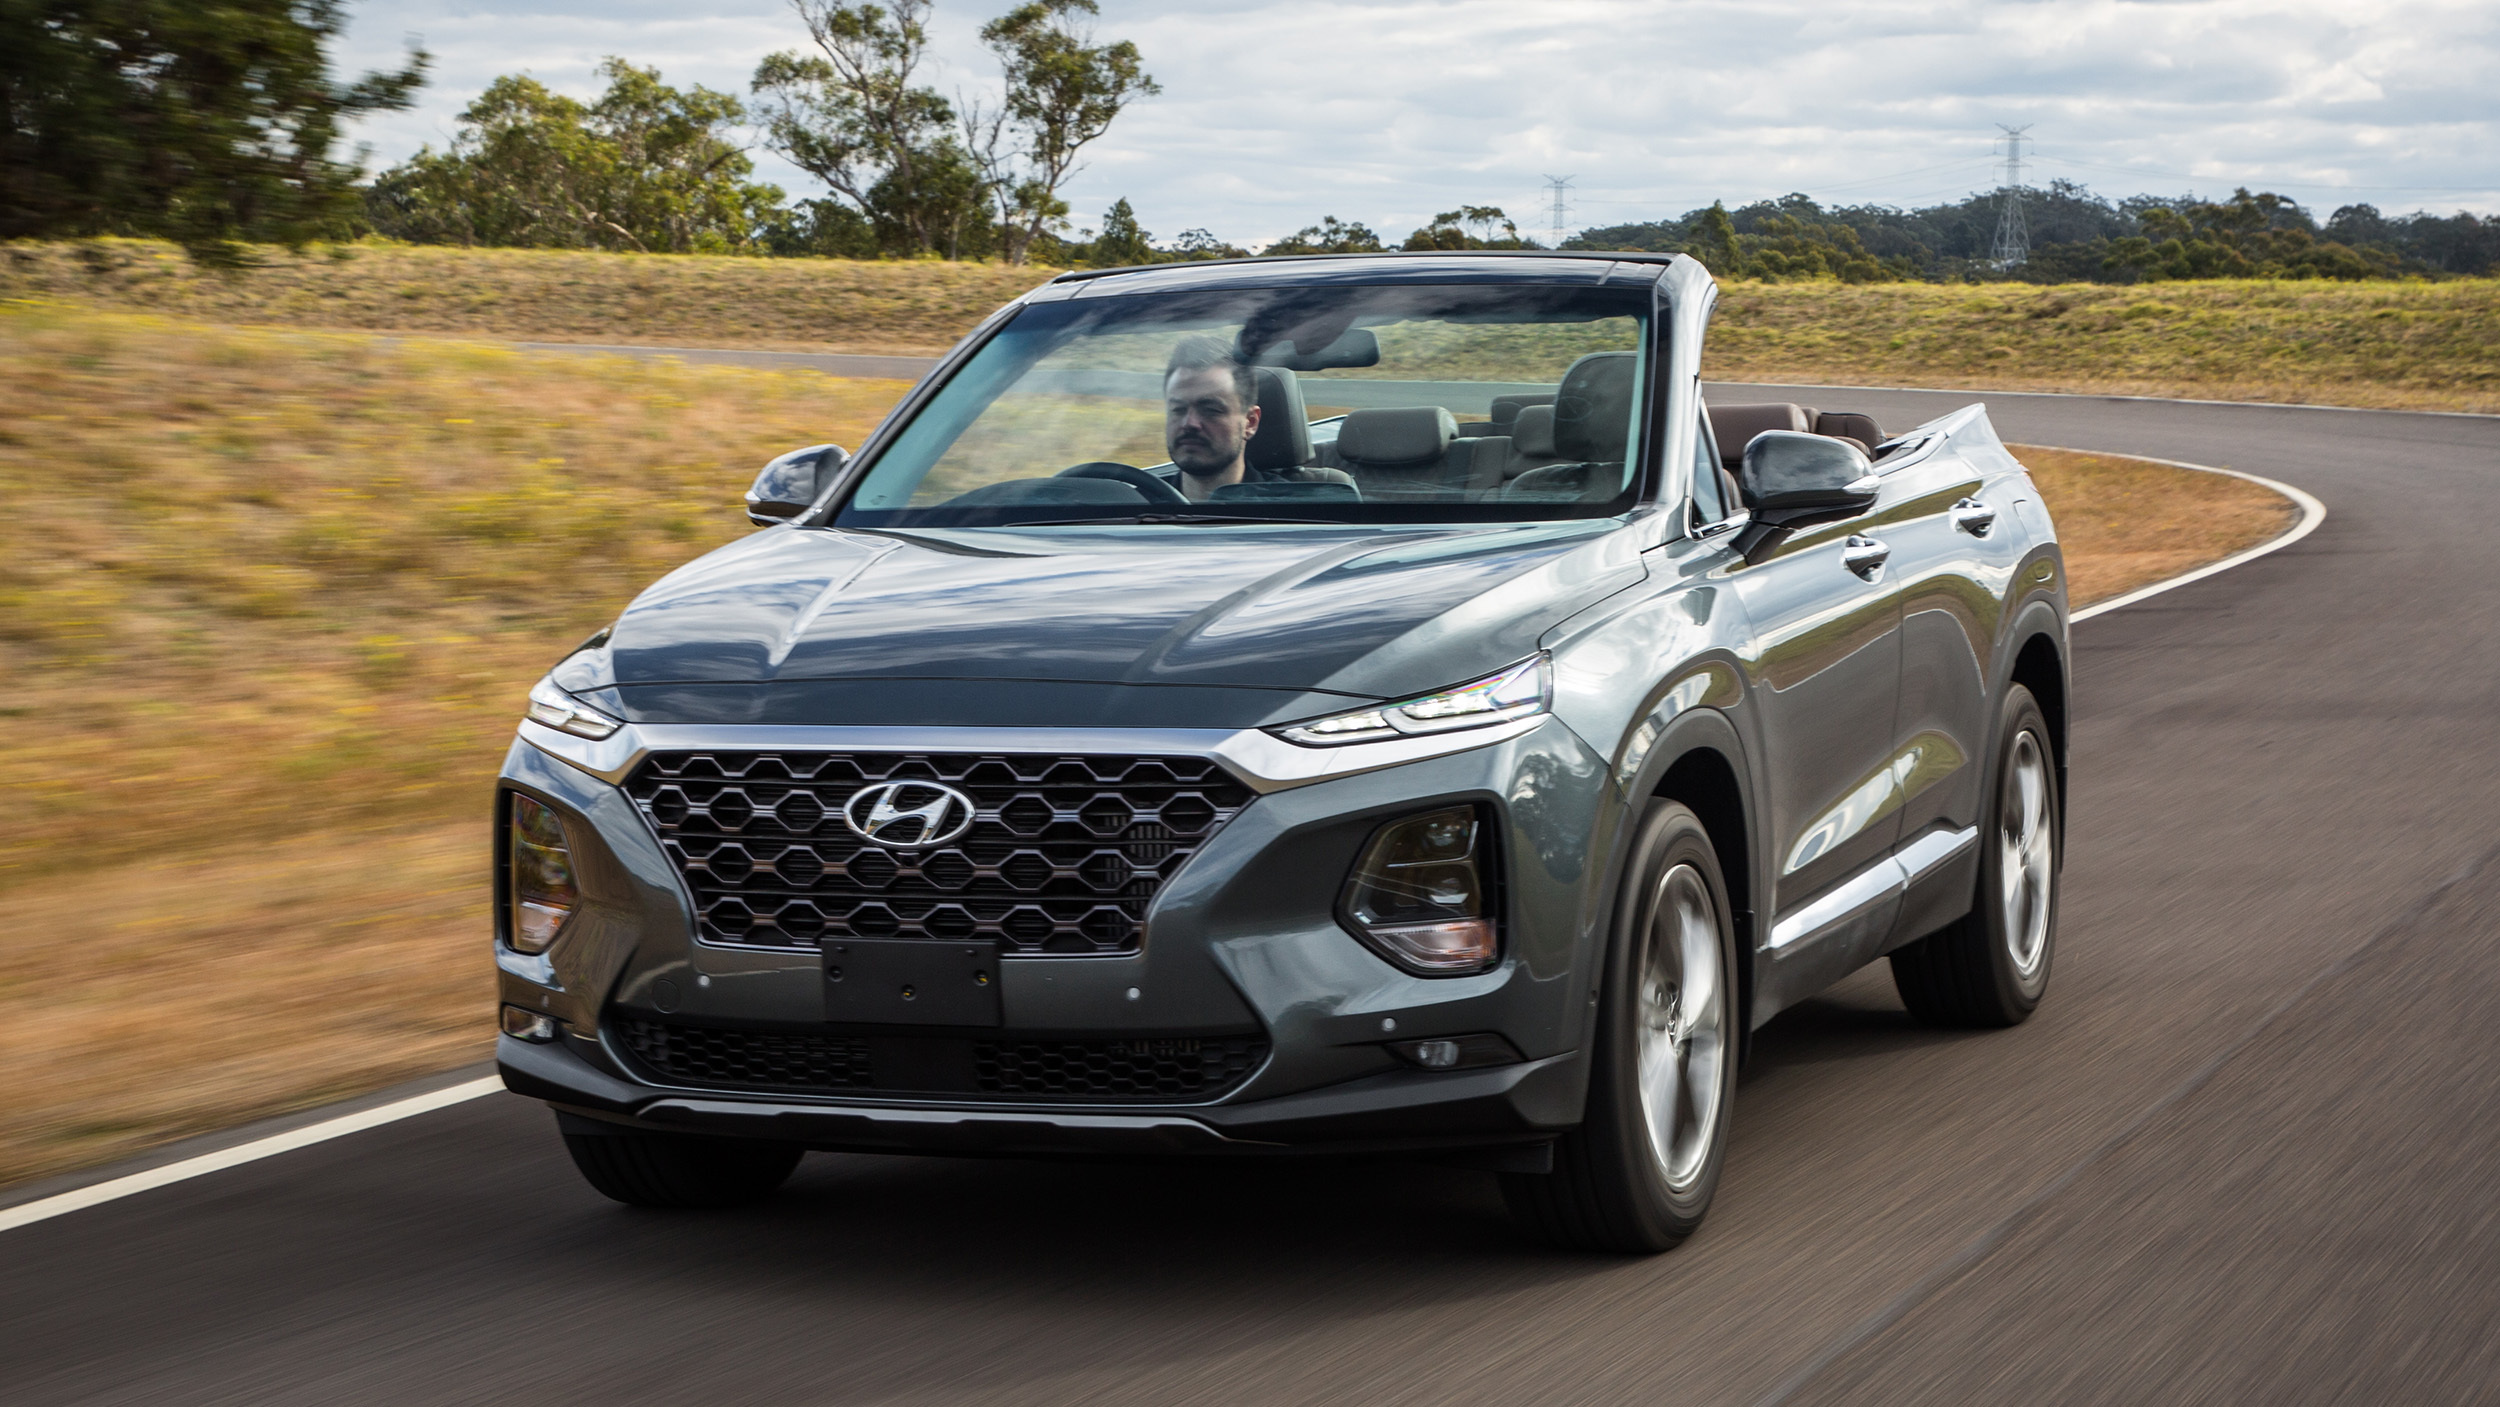 Hyundai Santa Fe mui trần cực độc lộ diện